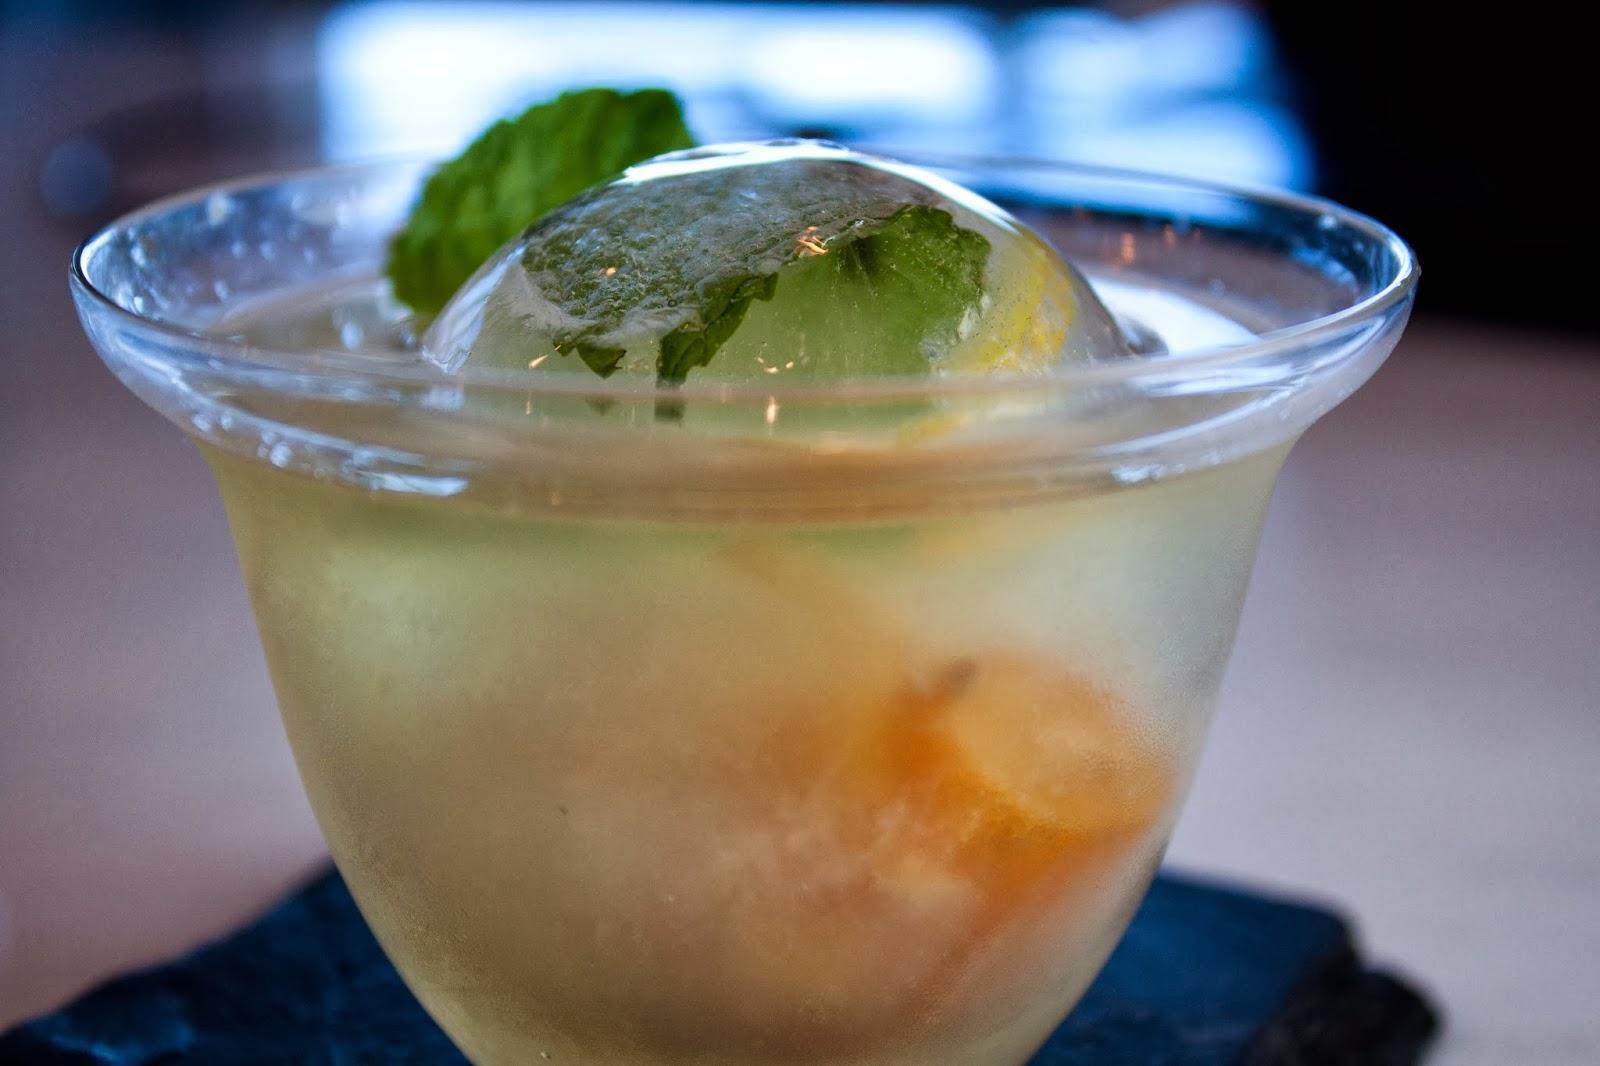 kumquat-martini-with-round-ice-cube 2